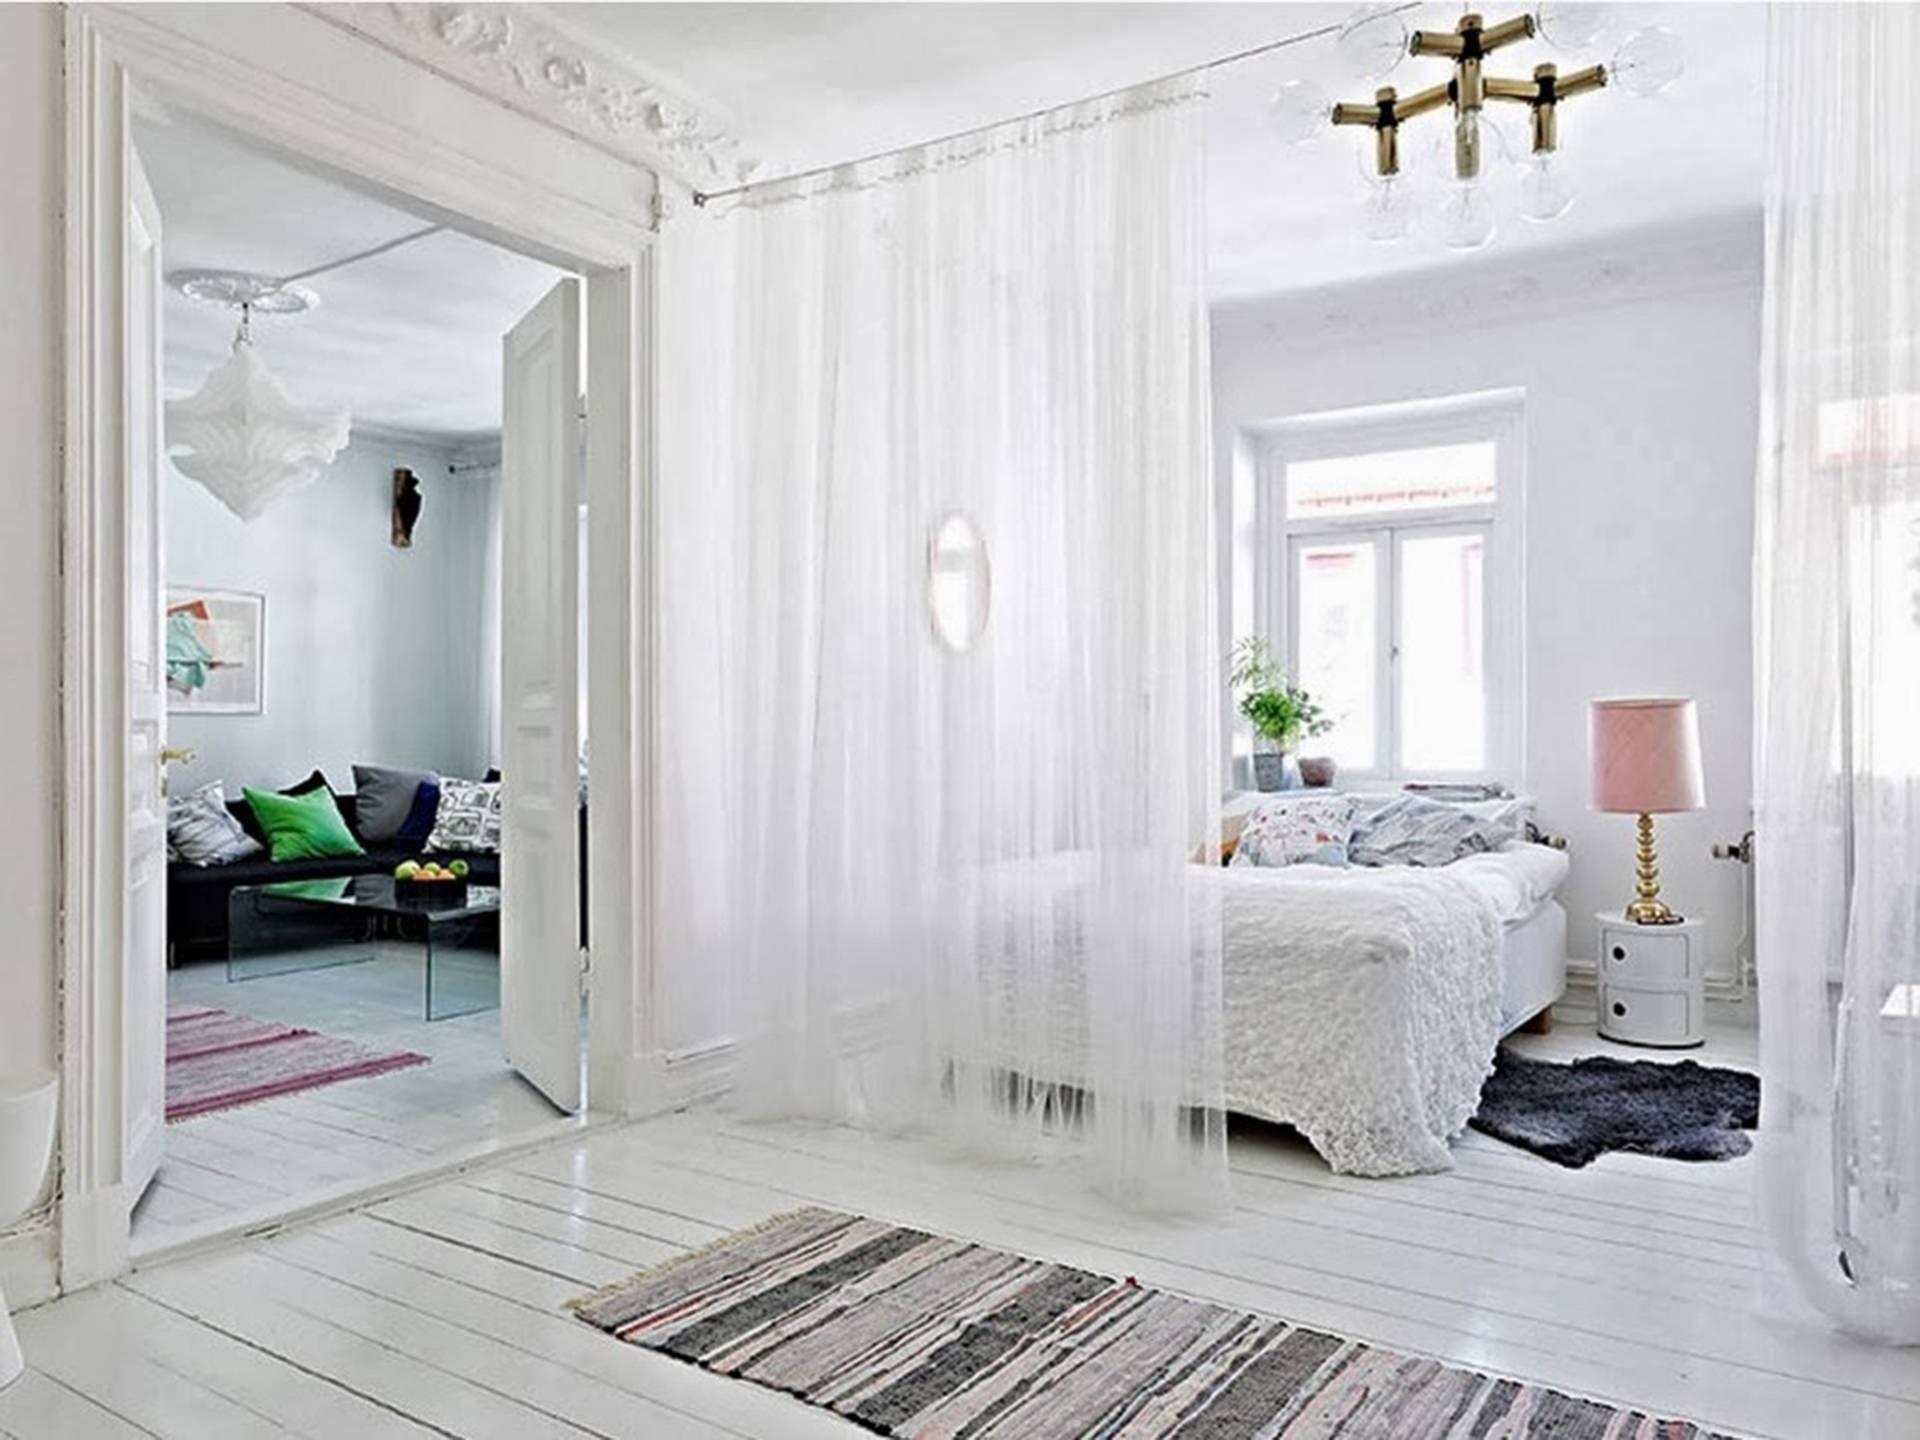 Mẫu thiết kế phòng ngủ kết hợp phòng thay đồ có sử dụng rèm cửa làm vách ngăn